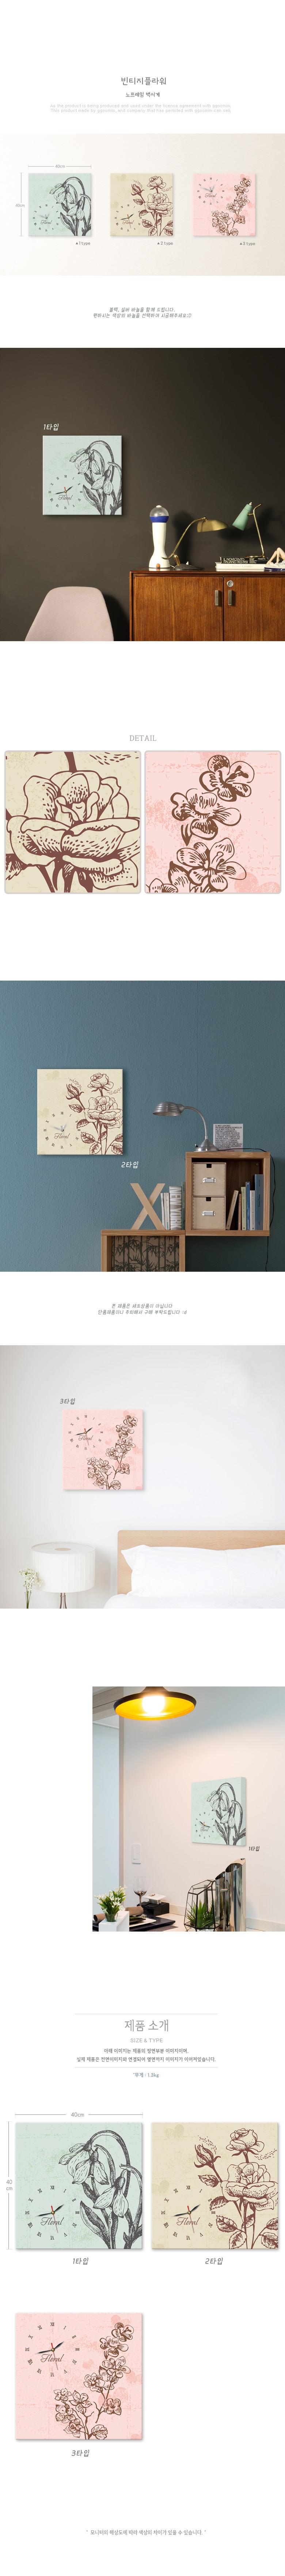 it069-빈티지플라워 노프레임벽시계 - 꾸밈, 25,900원, 벽시계, 디자인벽시계